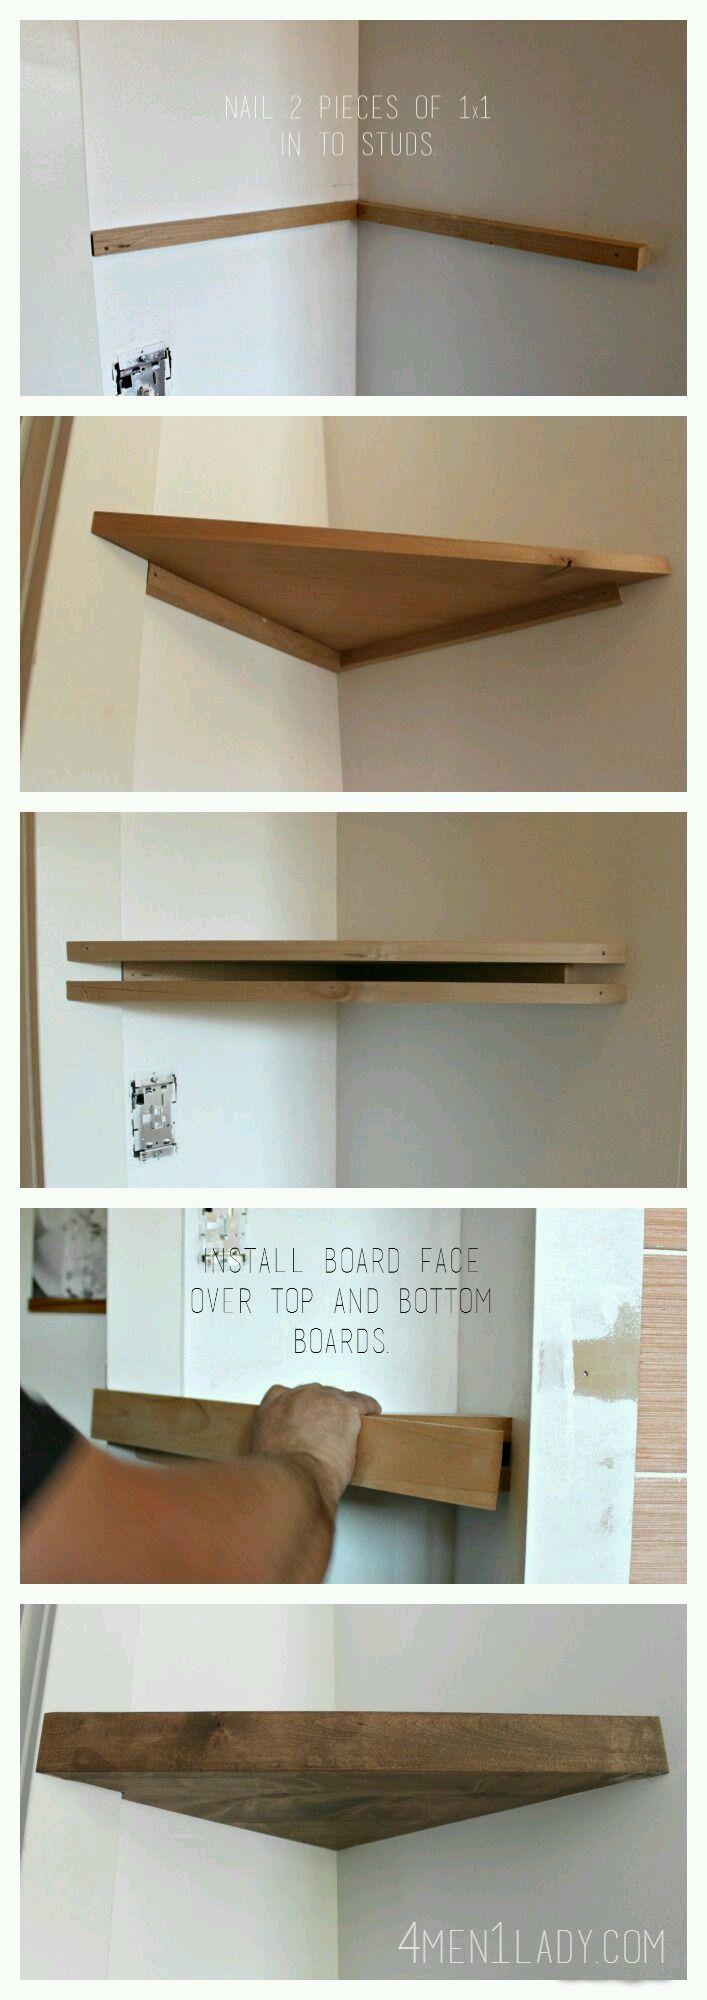 Make Corner Floating Shelves   4 Men 1 Lady